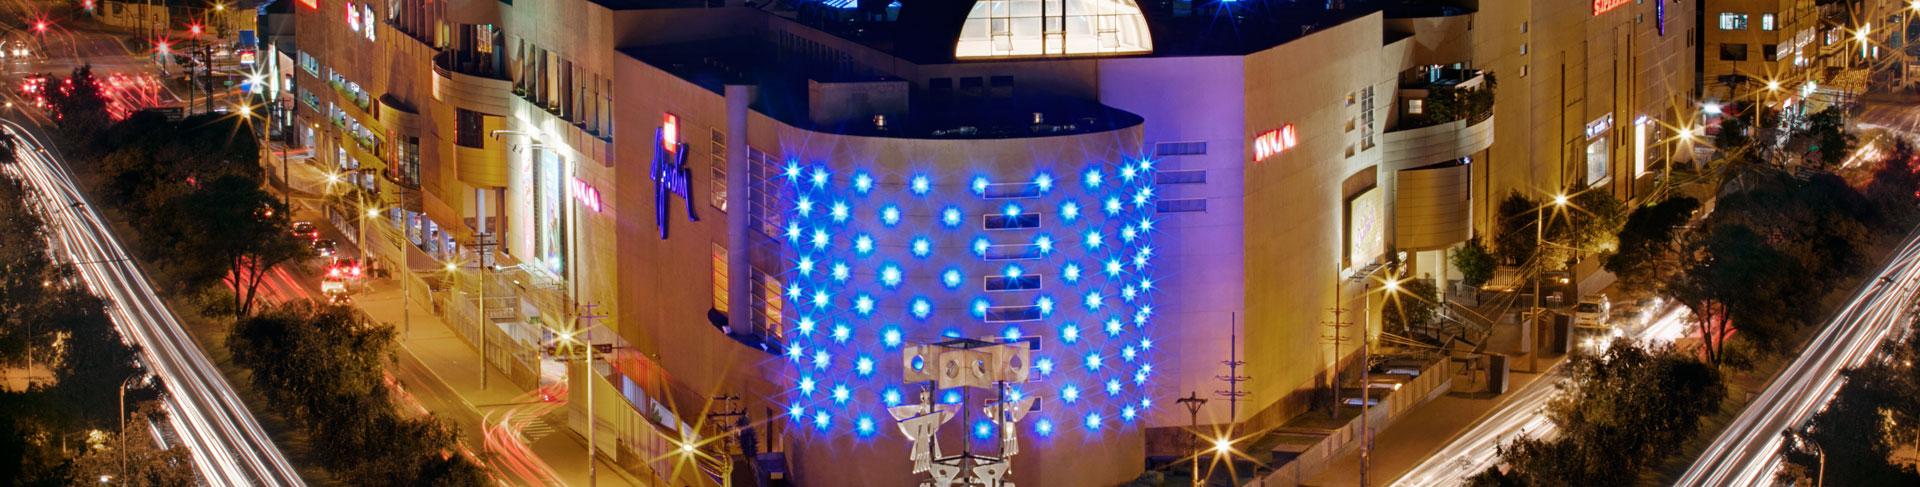 Parqueadero mall el jard n for Adidas ecuador quito mall el jardin